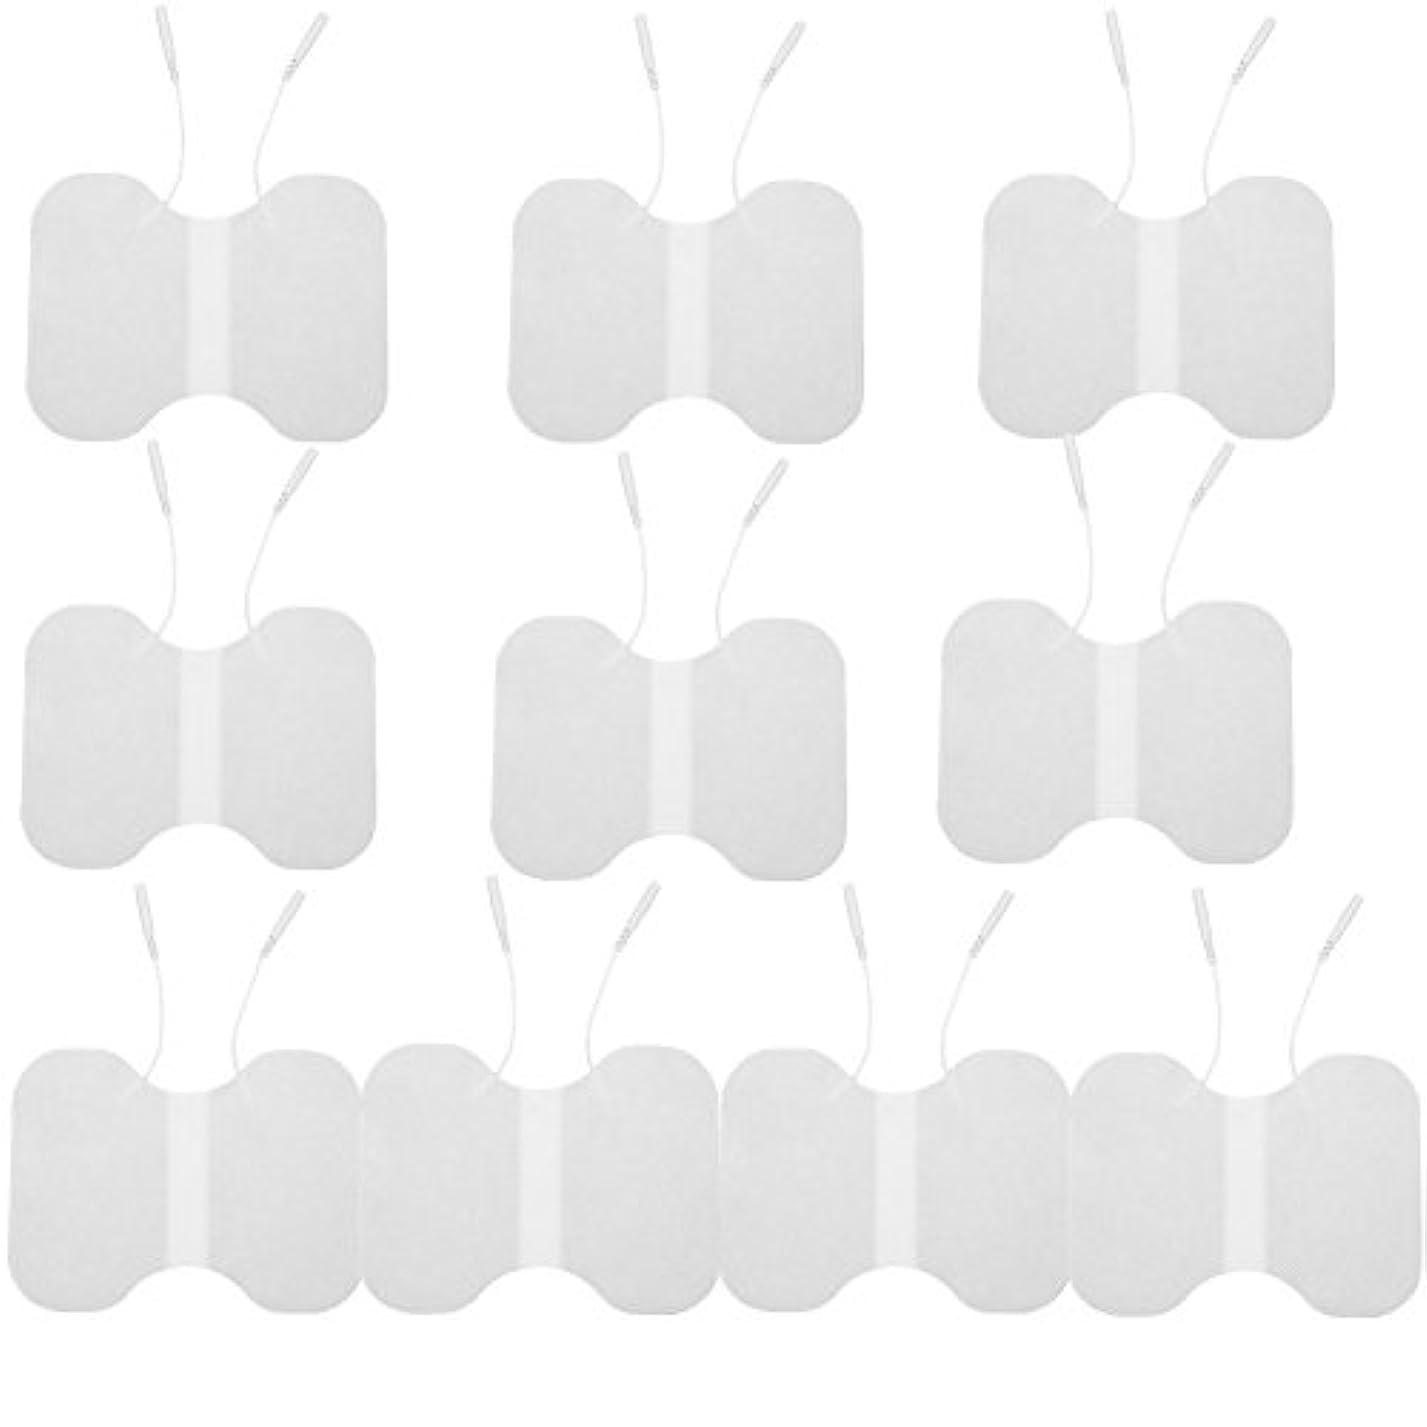 コマンド障害拍手電極パッド、1Pc再利用可能な自己接着性電極パッチが体内の循環を改善し代謝を促進する効果